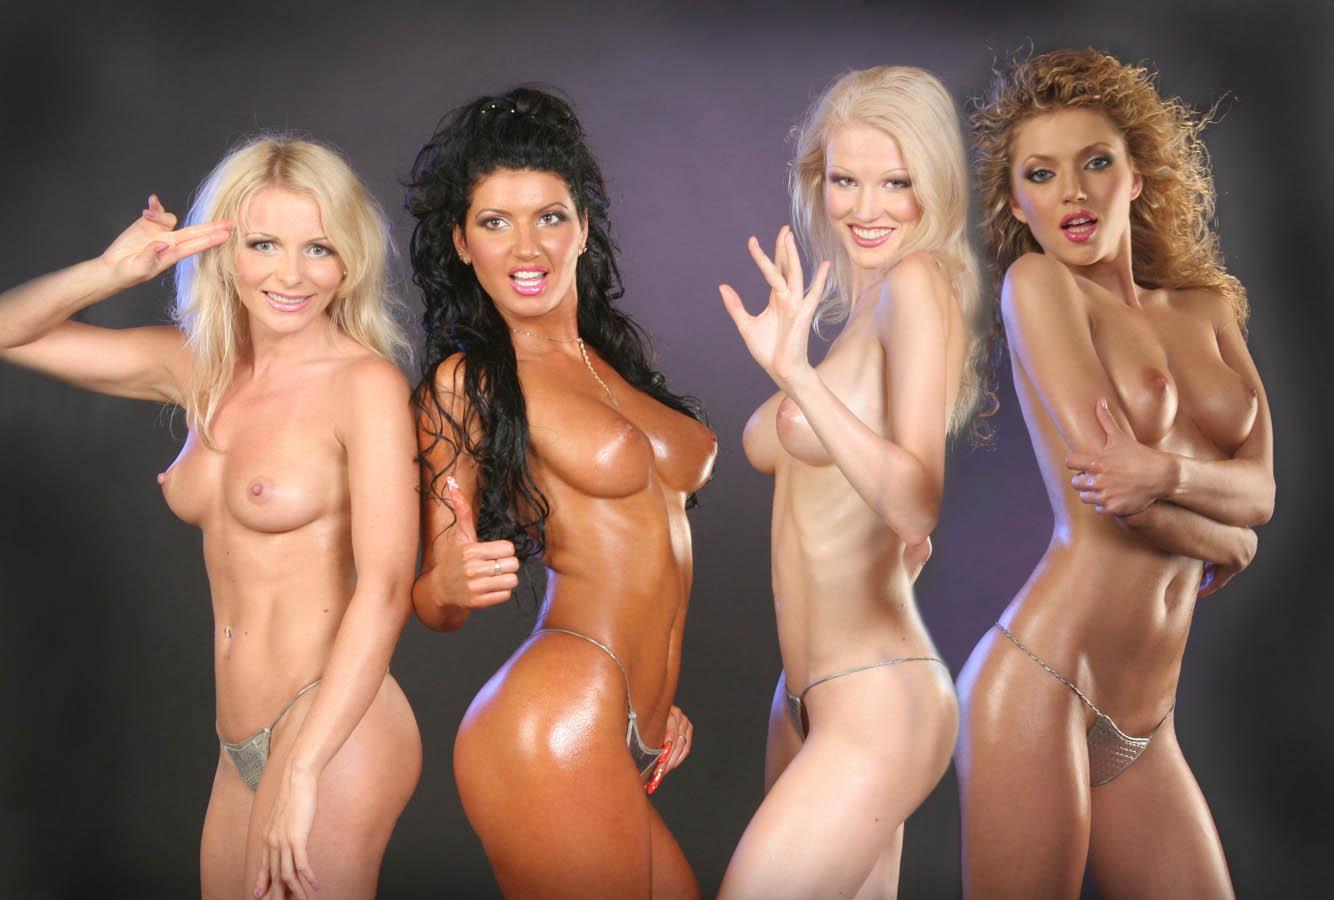 Эротическое секс шоу на видео смотреть бесплатно